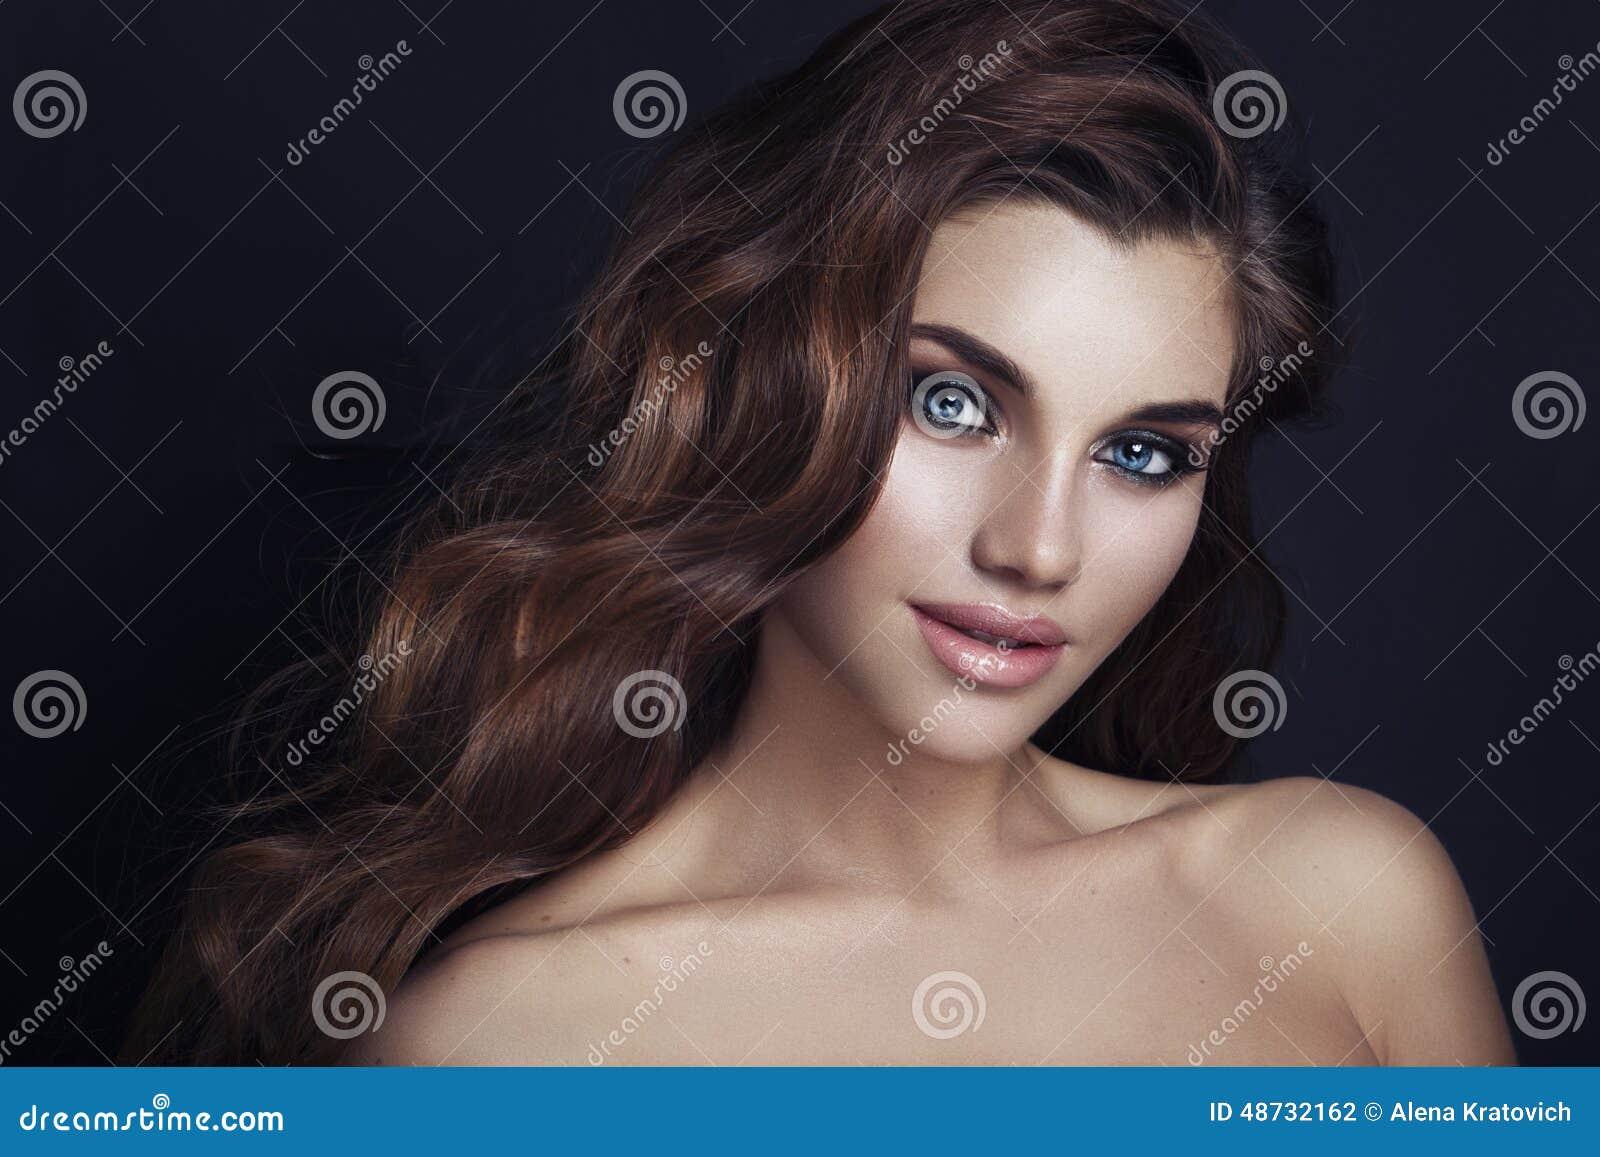 Maquillage de charme de mode Beauté Girl modèle avec le maquillage a de charme